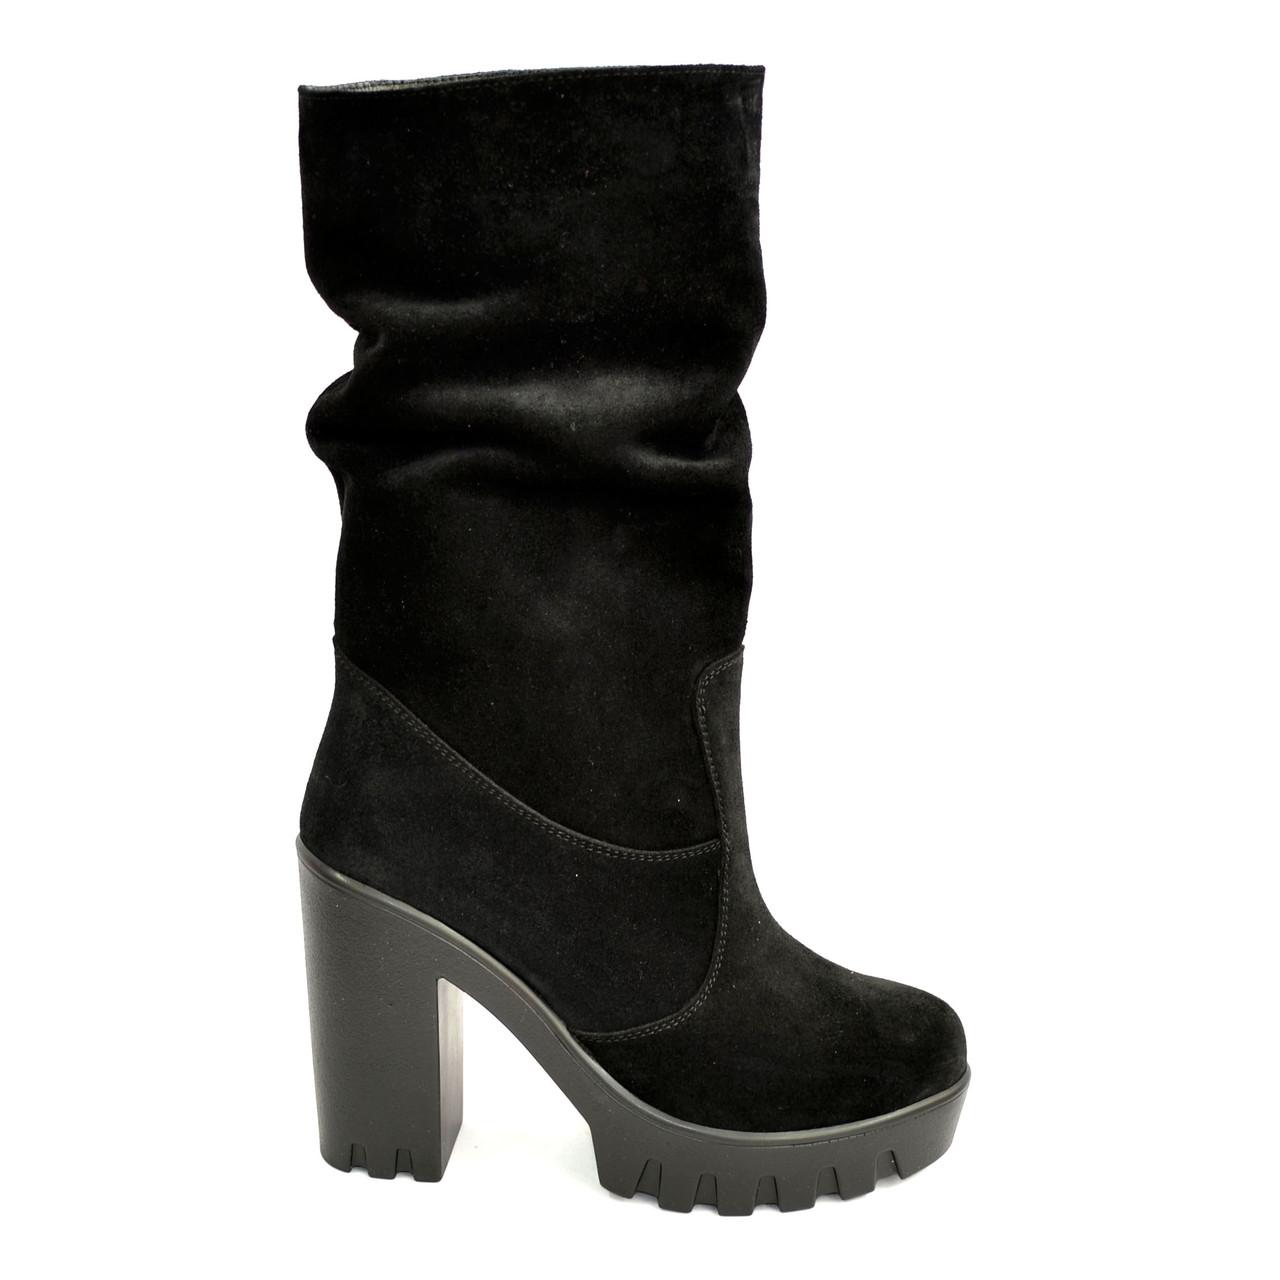 b982ab76bb3b Ботинки замшевые зимние на высоком каблуке.: продажа, цена в Днепре.  ботильоны, ...